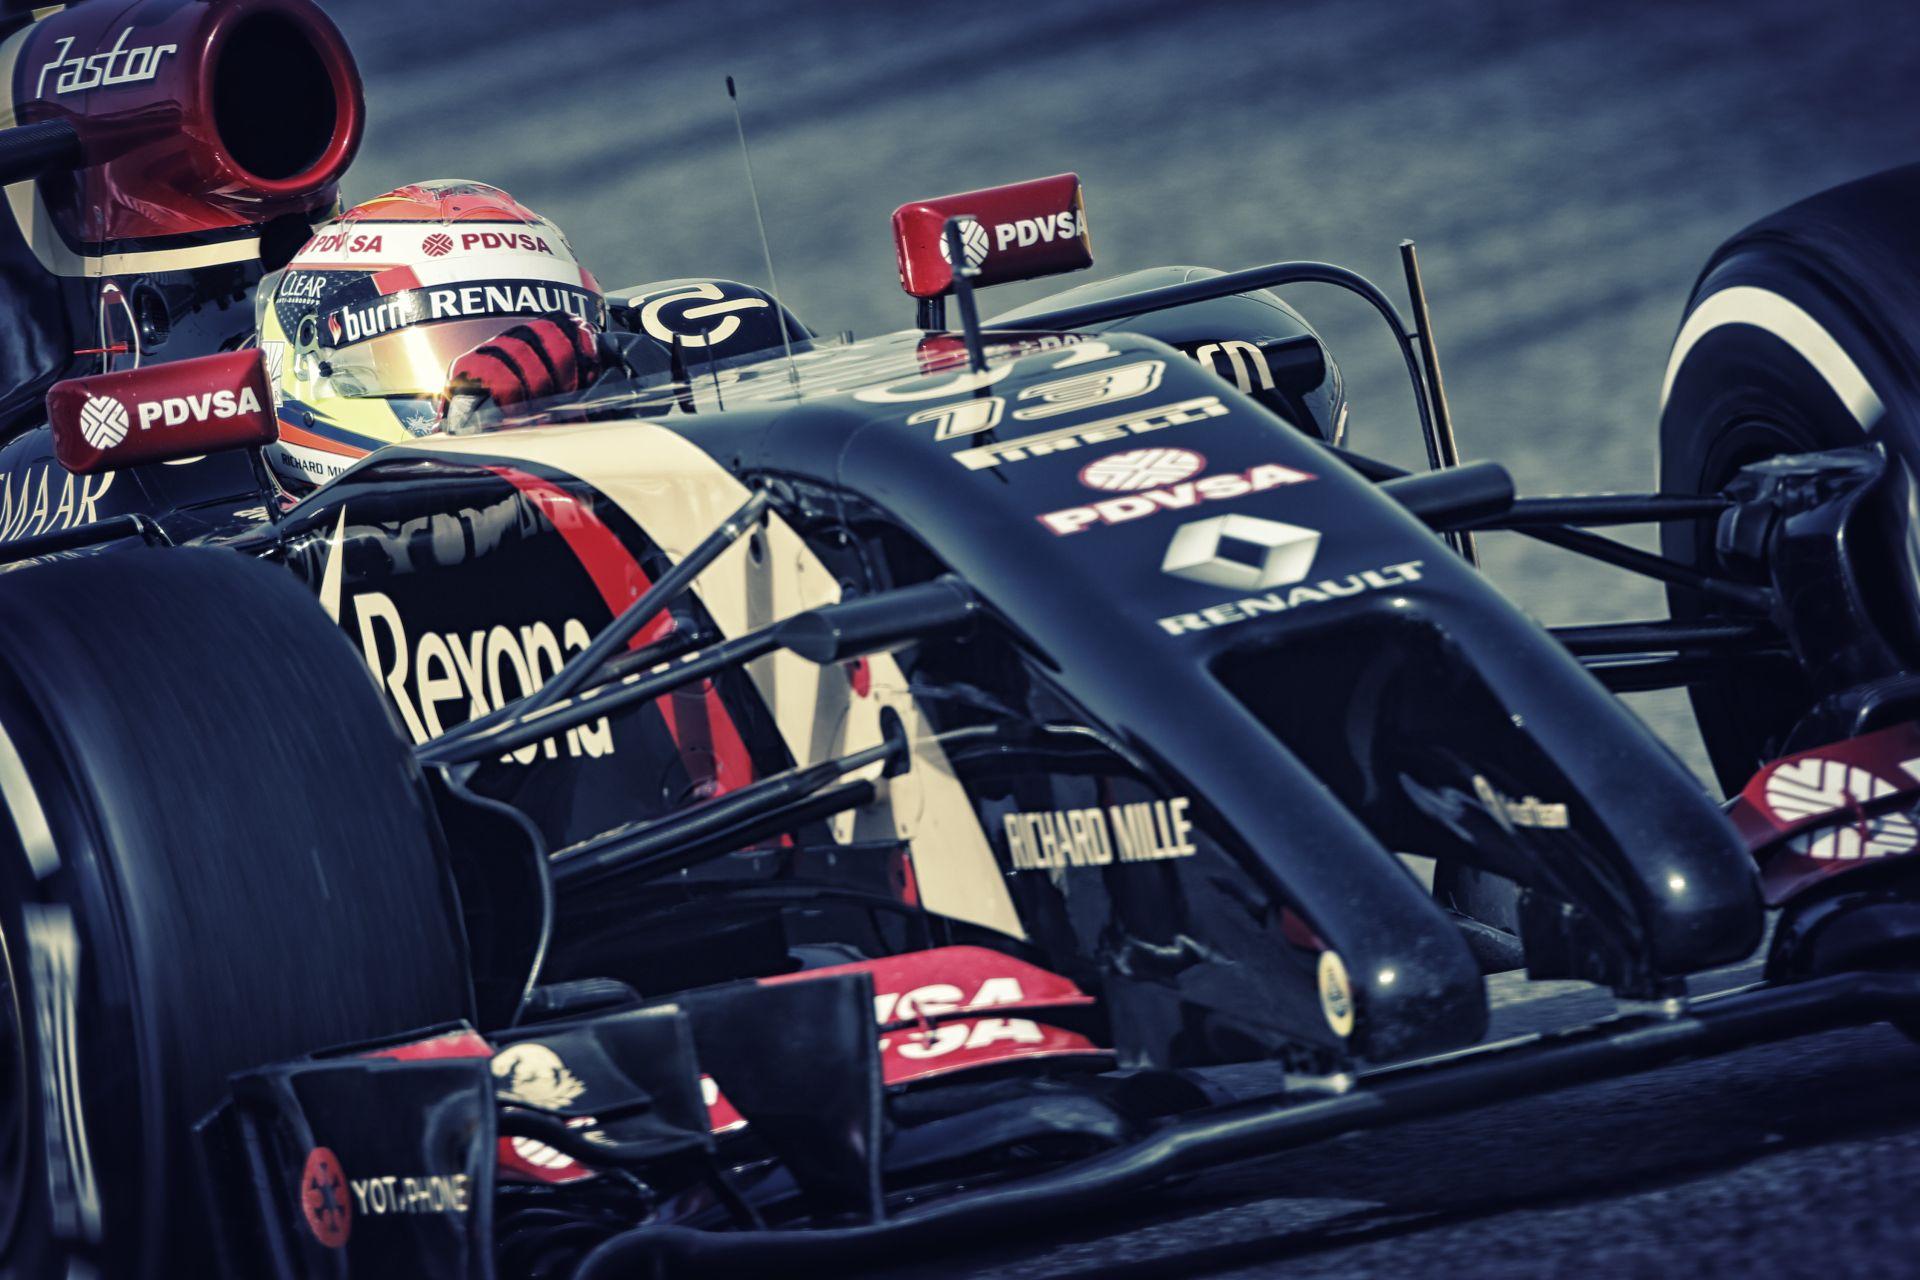 Videón, ahogy Maldonado egyszerűen a levegőbe repíti a társát az F1-es versenyen